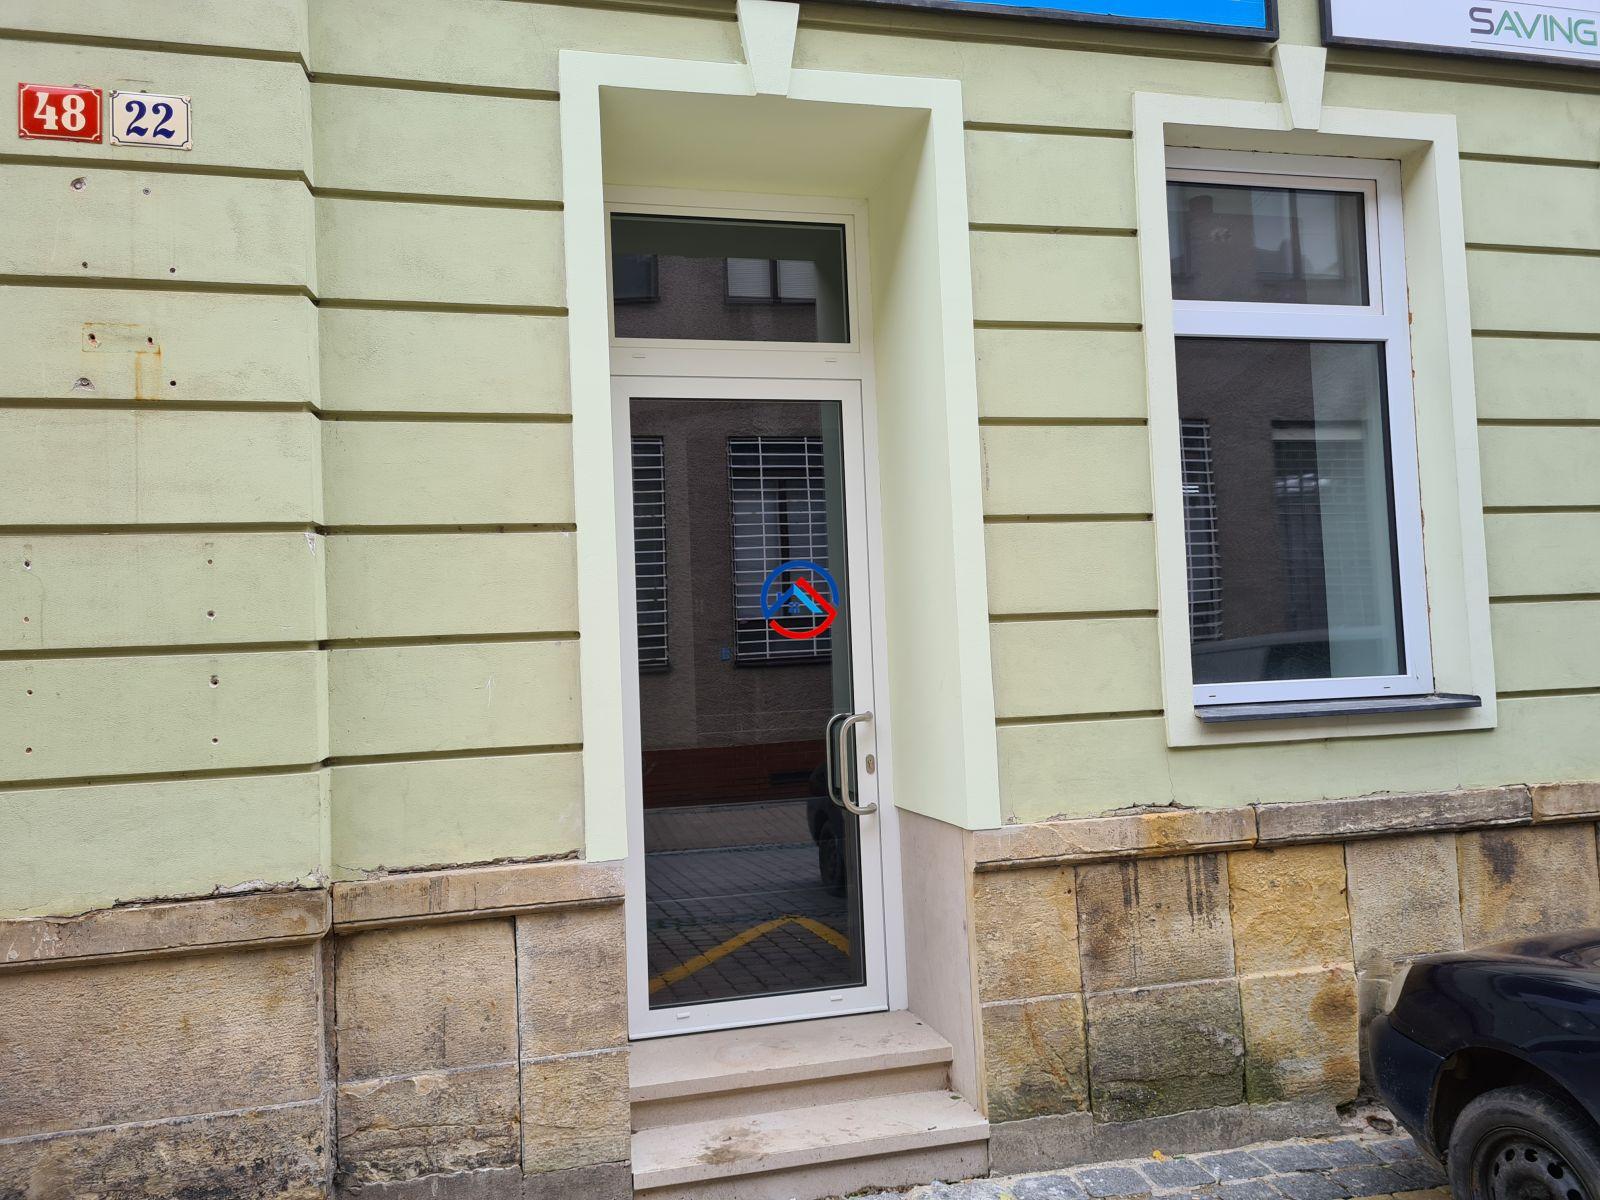 Pronájem obchodního prostoru v centru města Šumperka